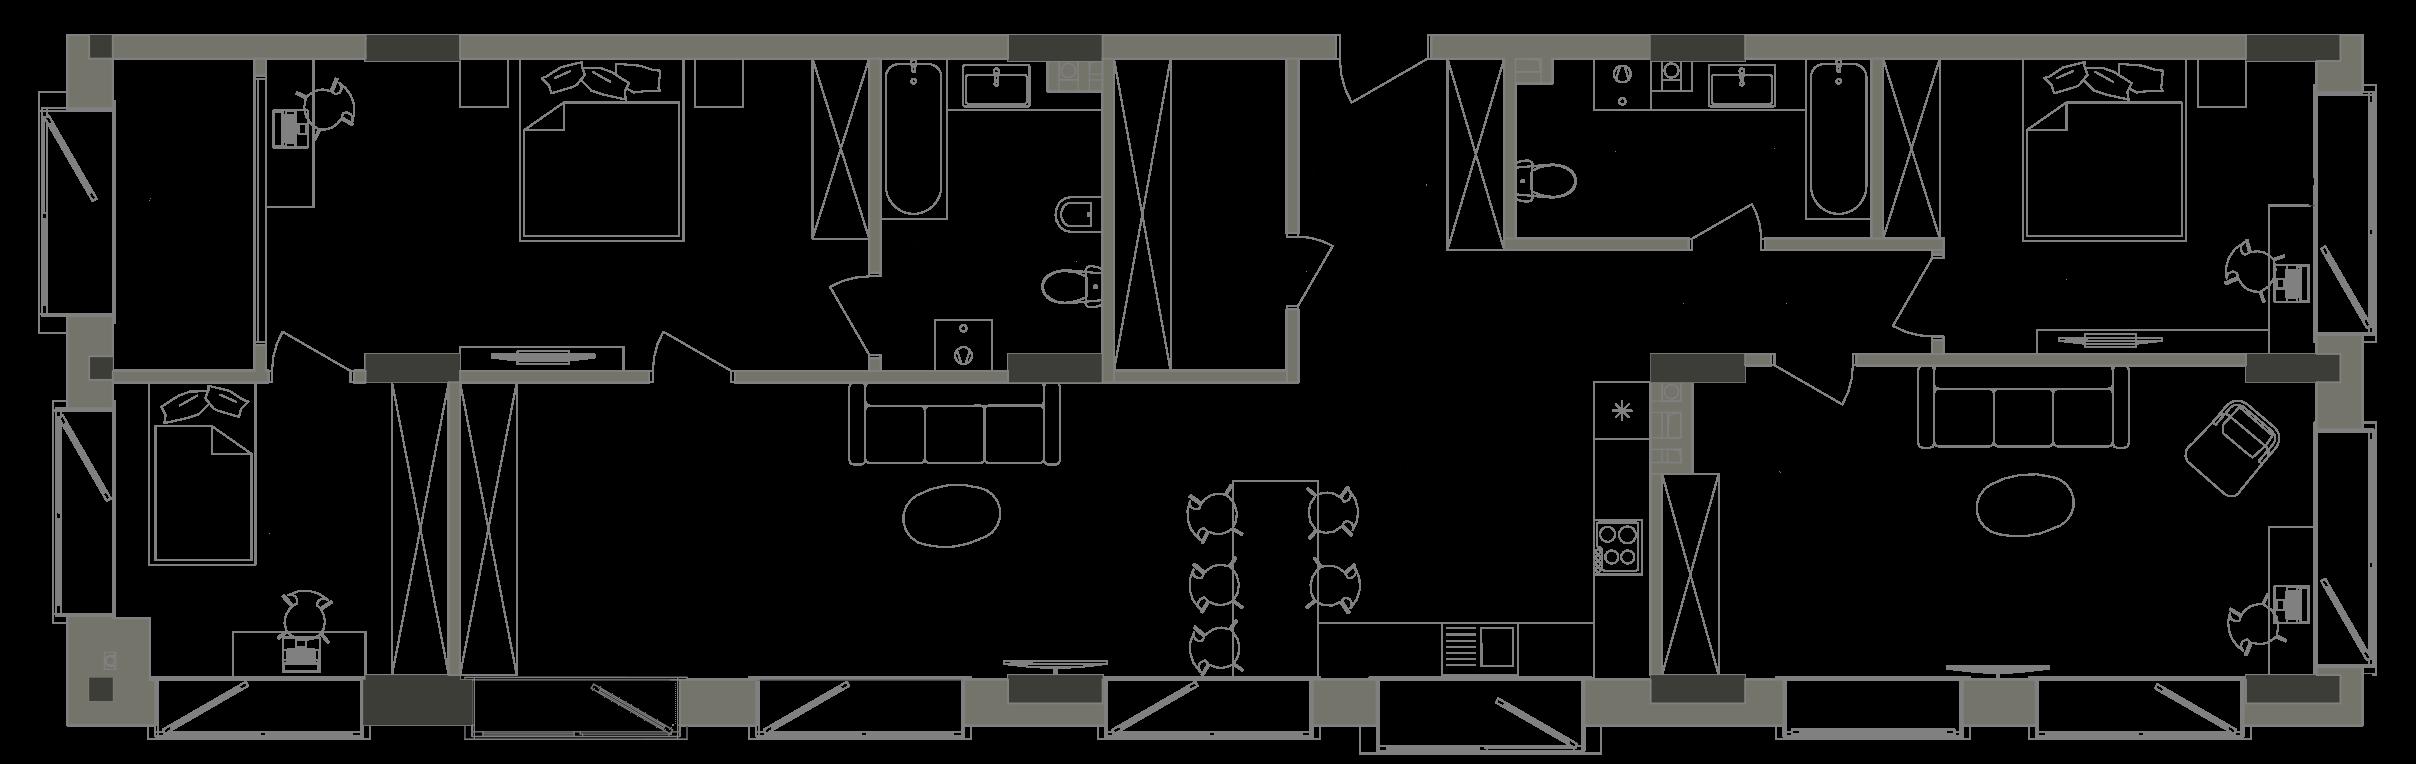 Квартира KV_47_4G_1_1_2